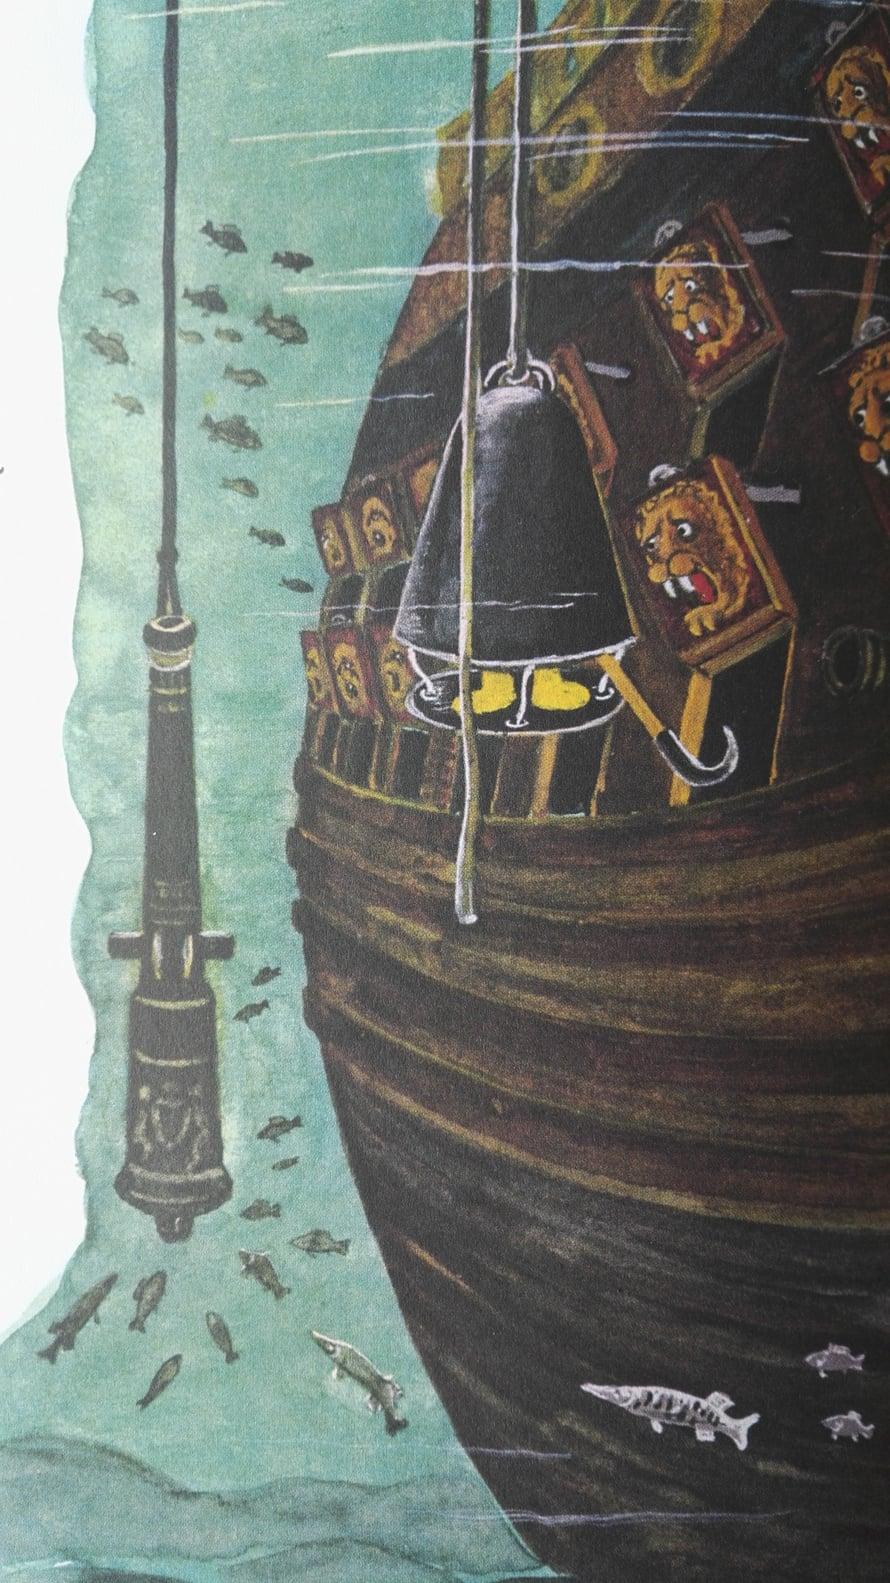 Lastenkirja havainnollistaa, miten sukelluskellon avulla Vasa-laivasta nostettiin ylös arvokkaat tykit. Tykkiluukkujen leijonanpääveistokset protestoivat.